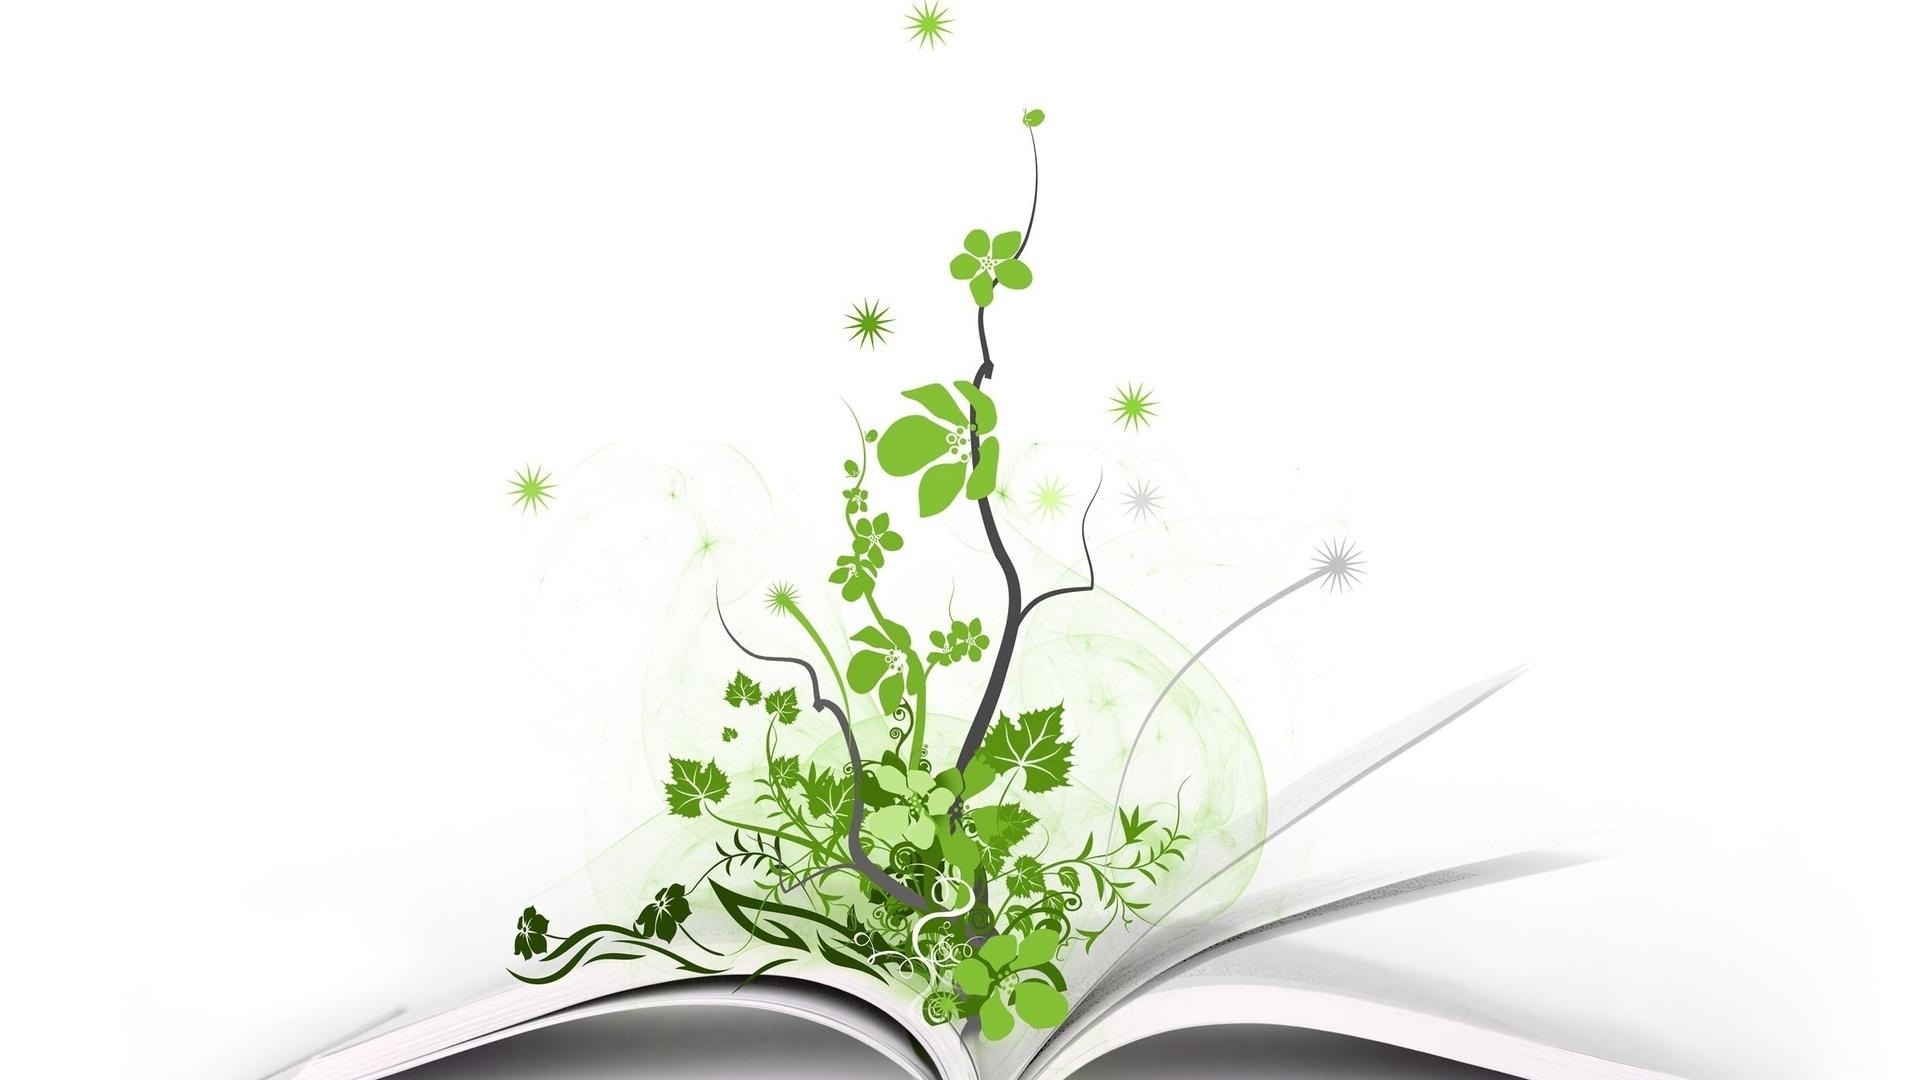 Handy-Wallpaper Pflanzen, Hintergrund, Bücher kostenlos herunterladen.